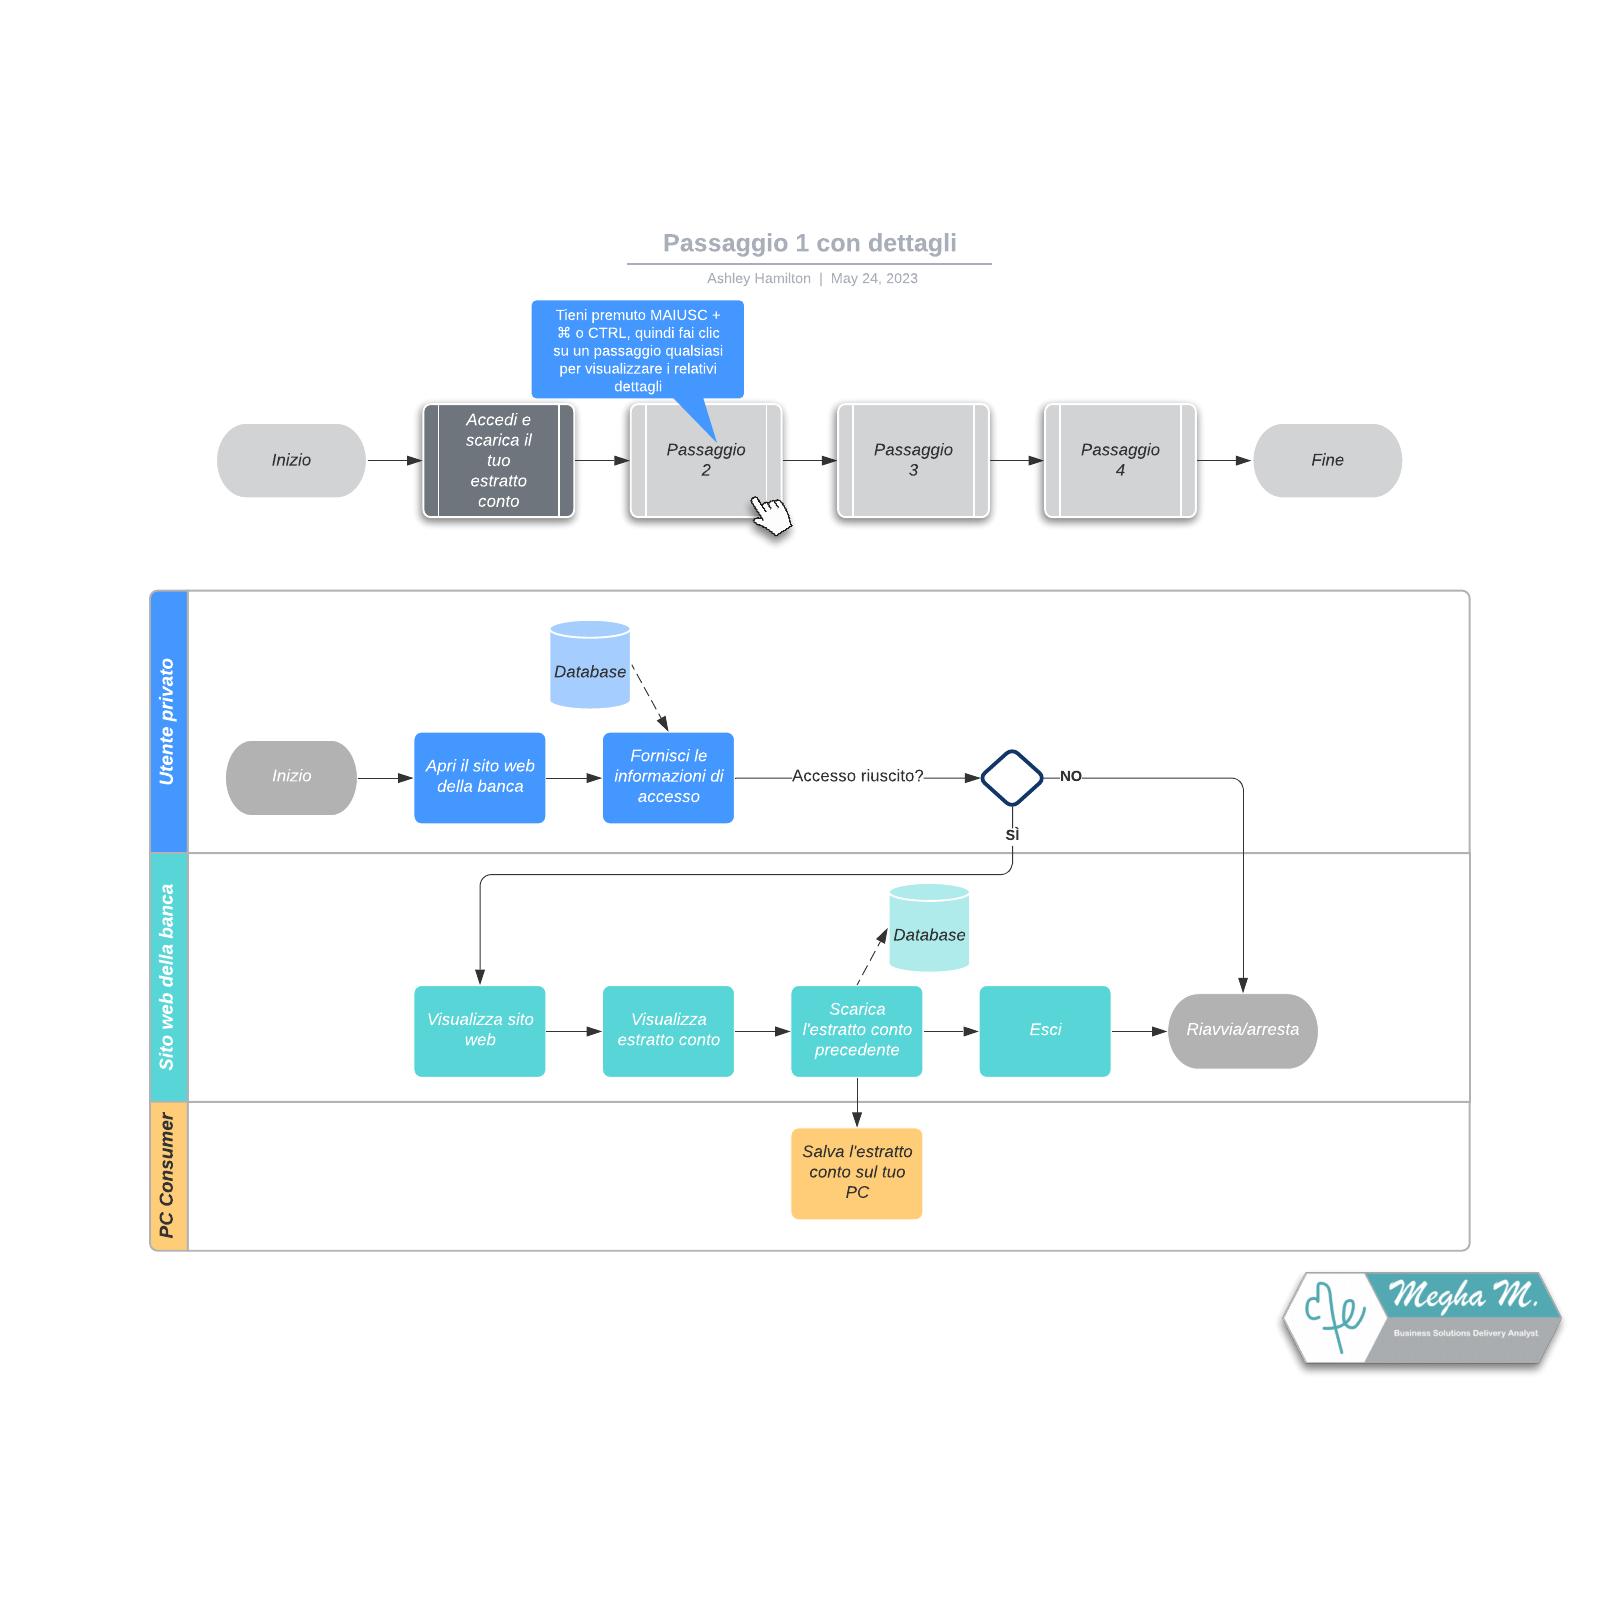 Esempio di diagramma di flusso panoramico con dettagli